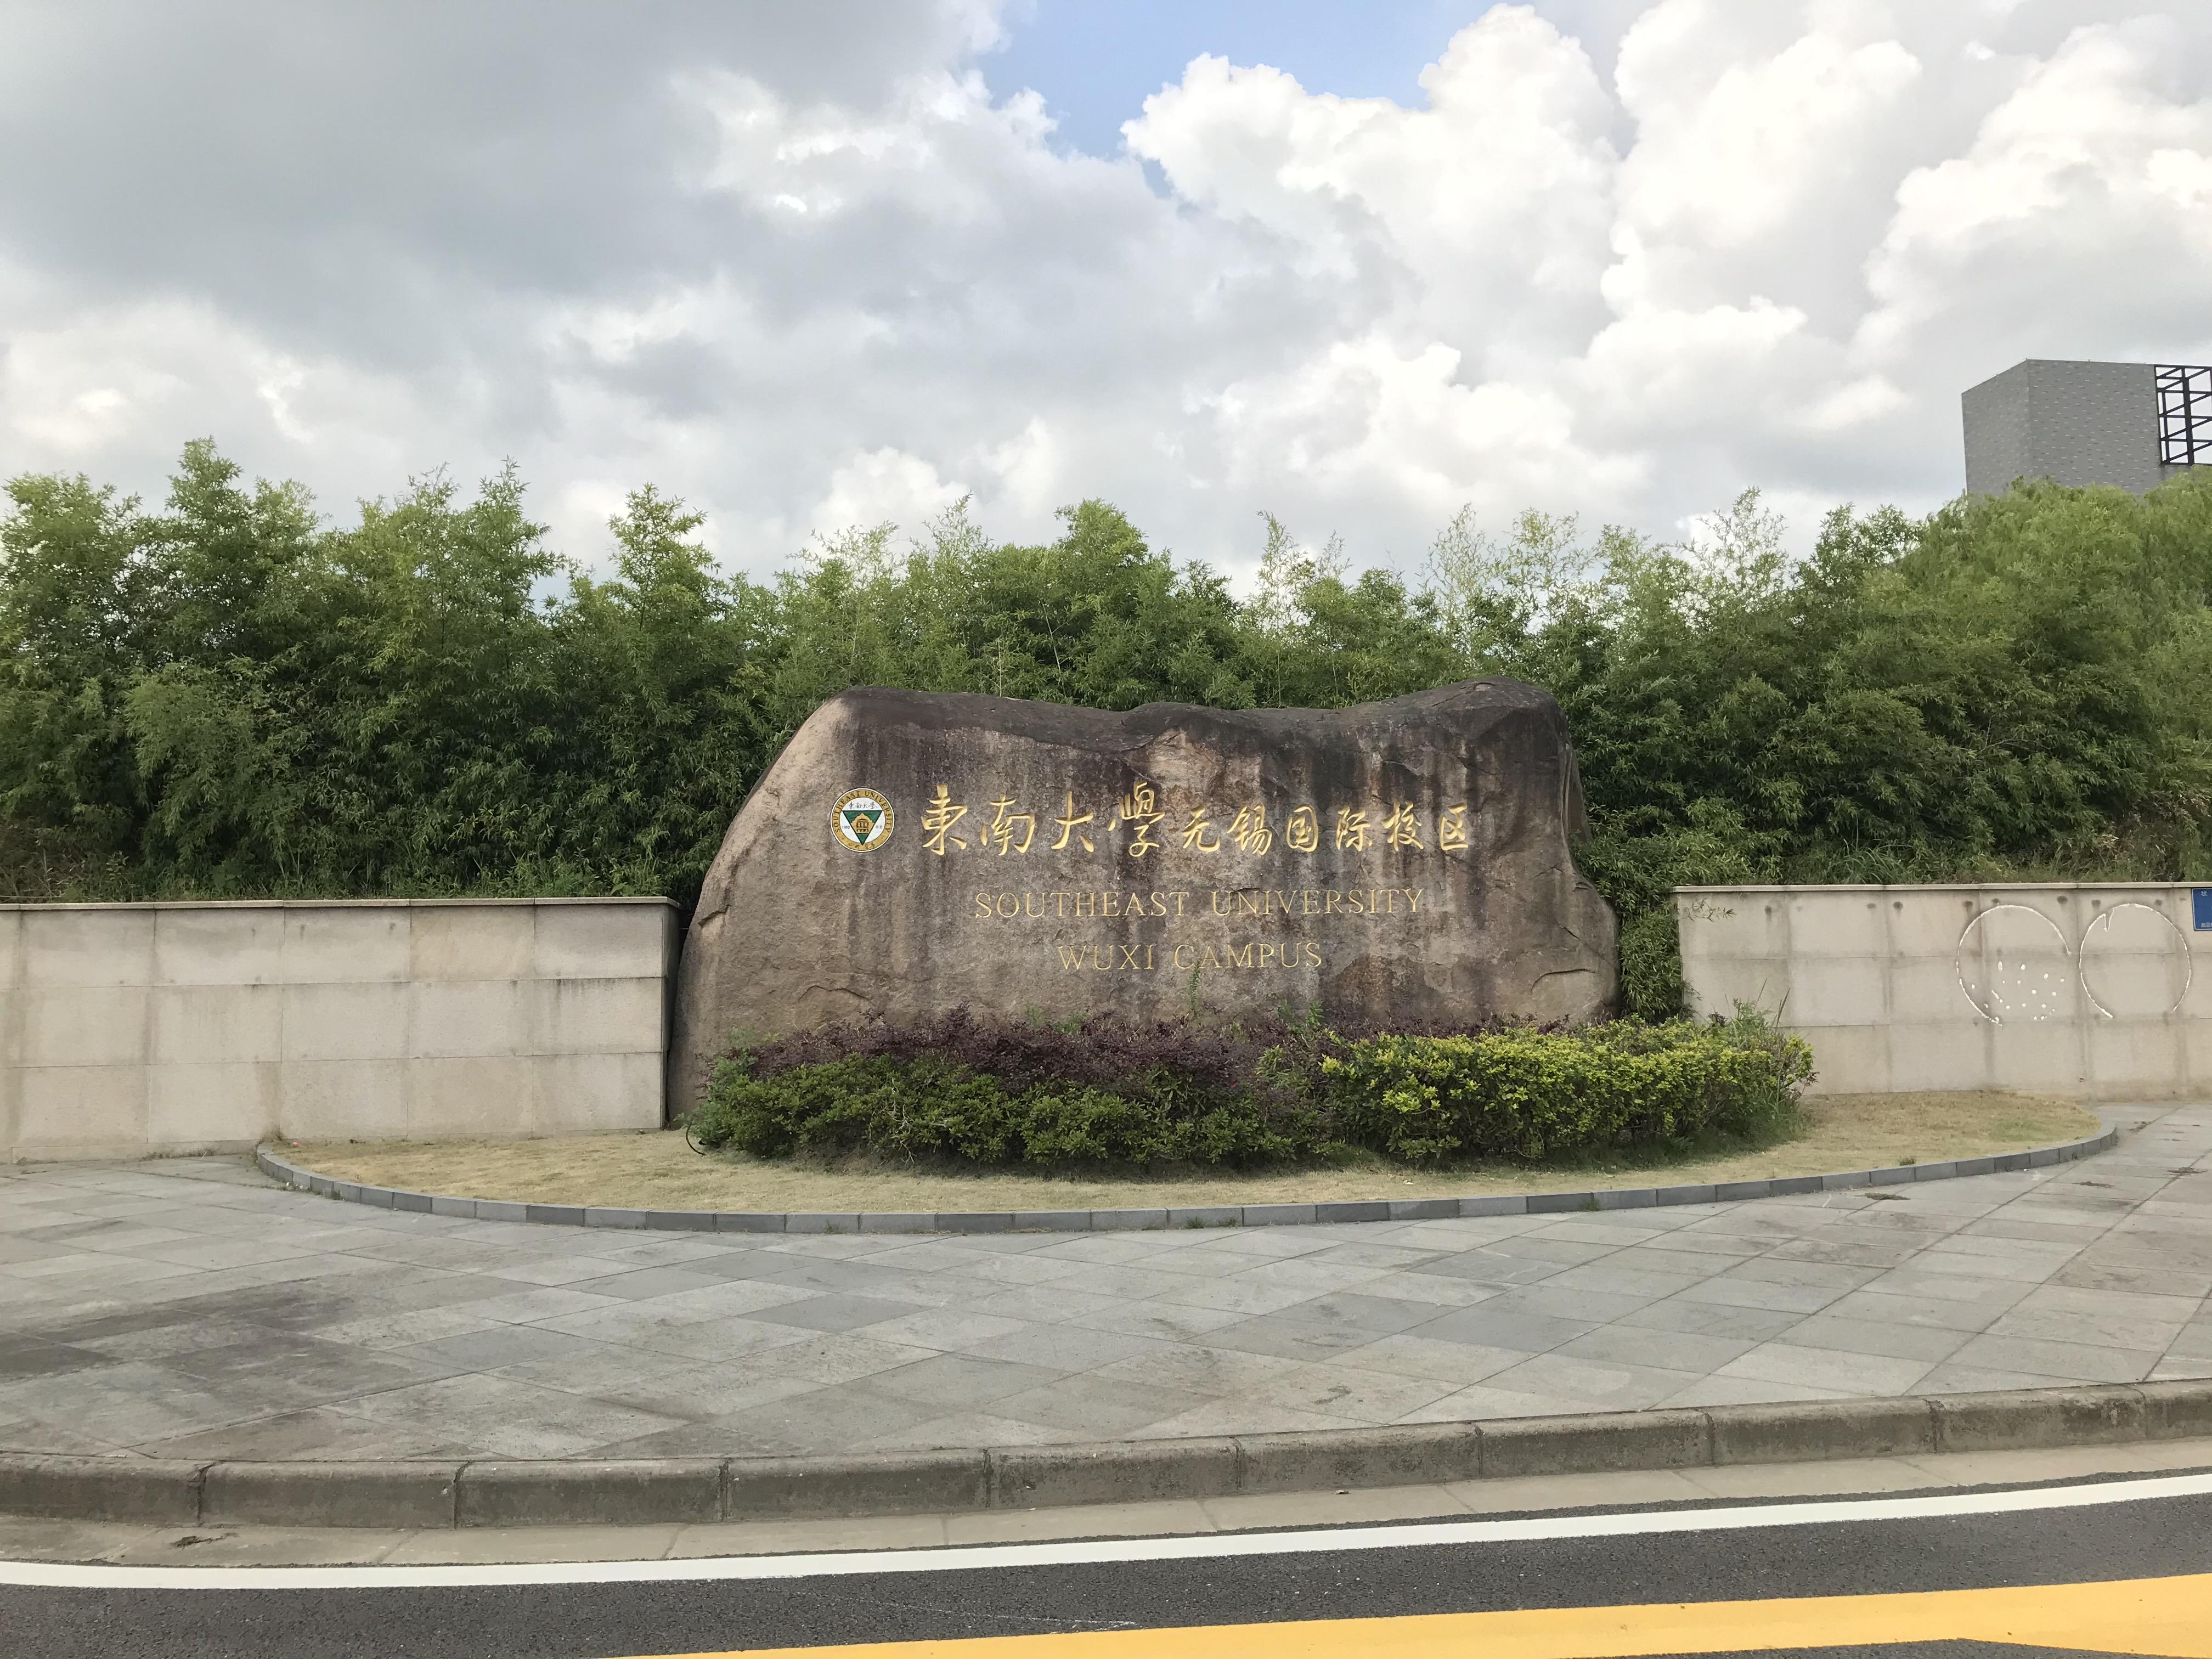 KEG波多野结衣中文字幕智能电子配线系统案例:东南大学无锡国际校区建设